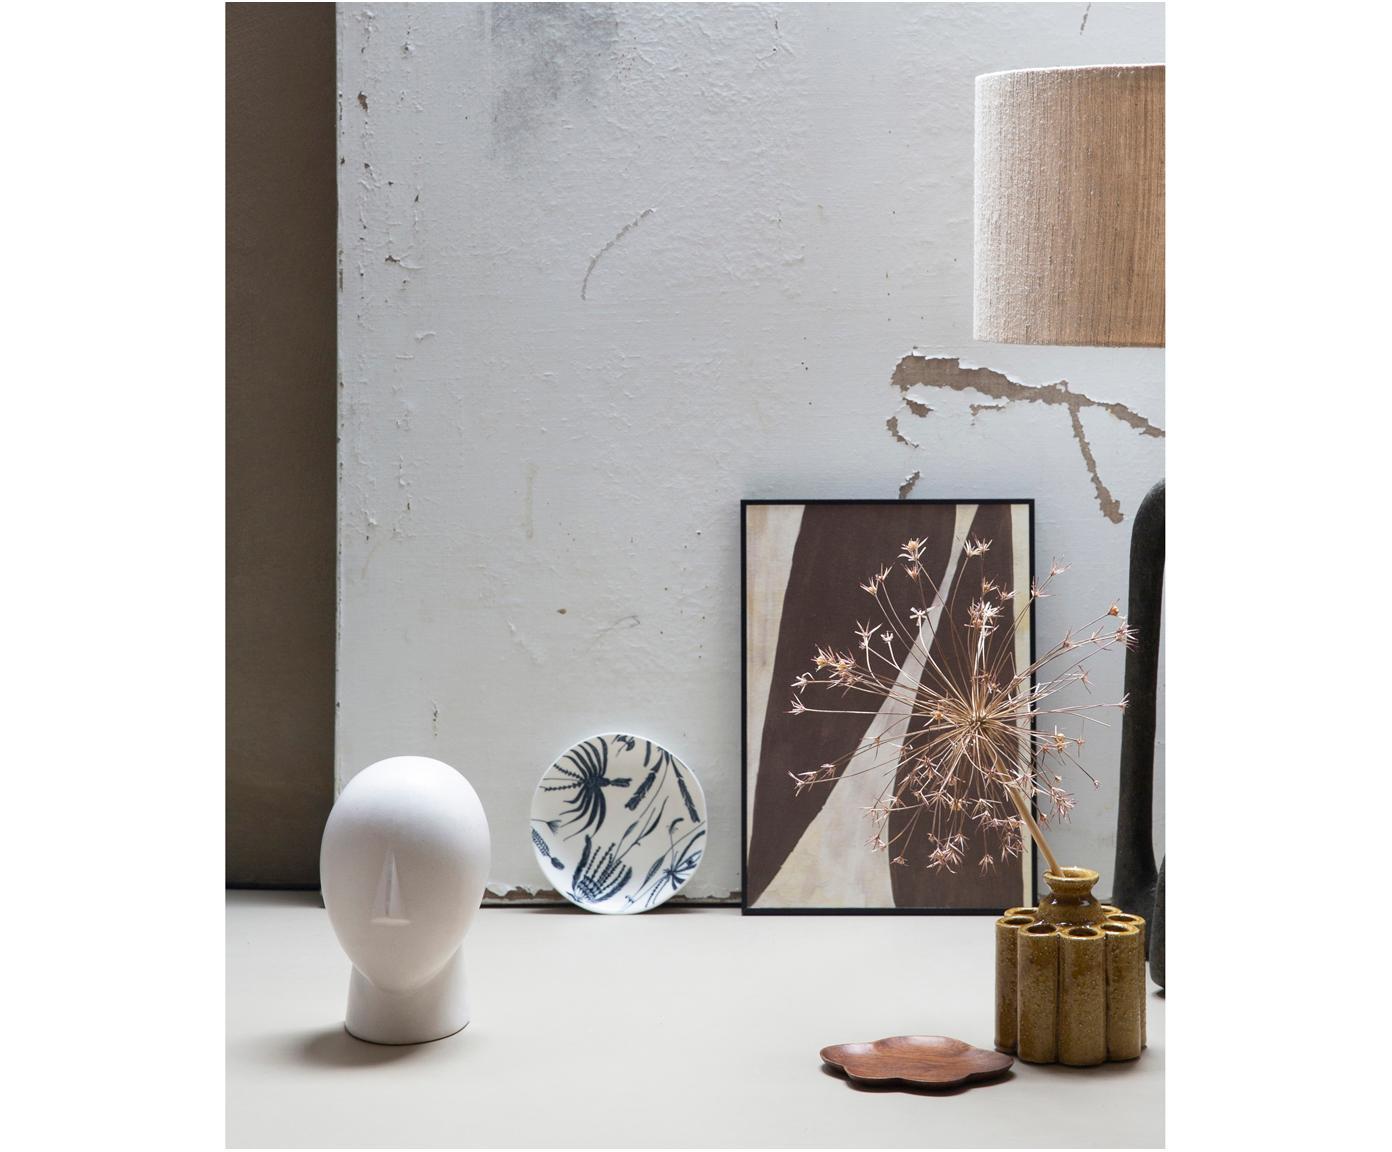 Gerahmter Digitaldruck Rero, Bild: Recyceltes Papier, Rahmen: Mitteldichte Holzfaserpla, Braun, Creme, 25 x 35 cm